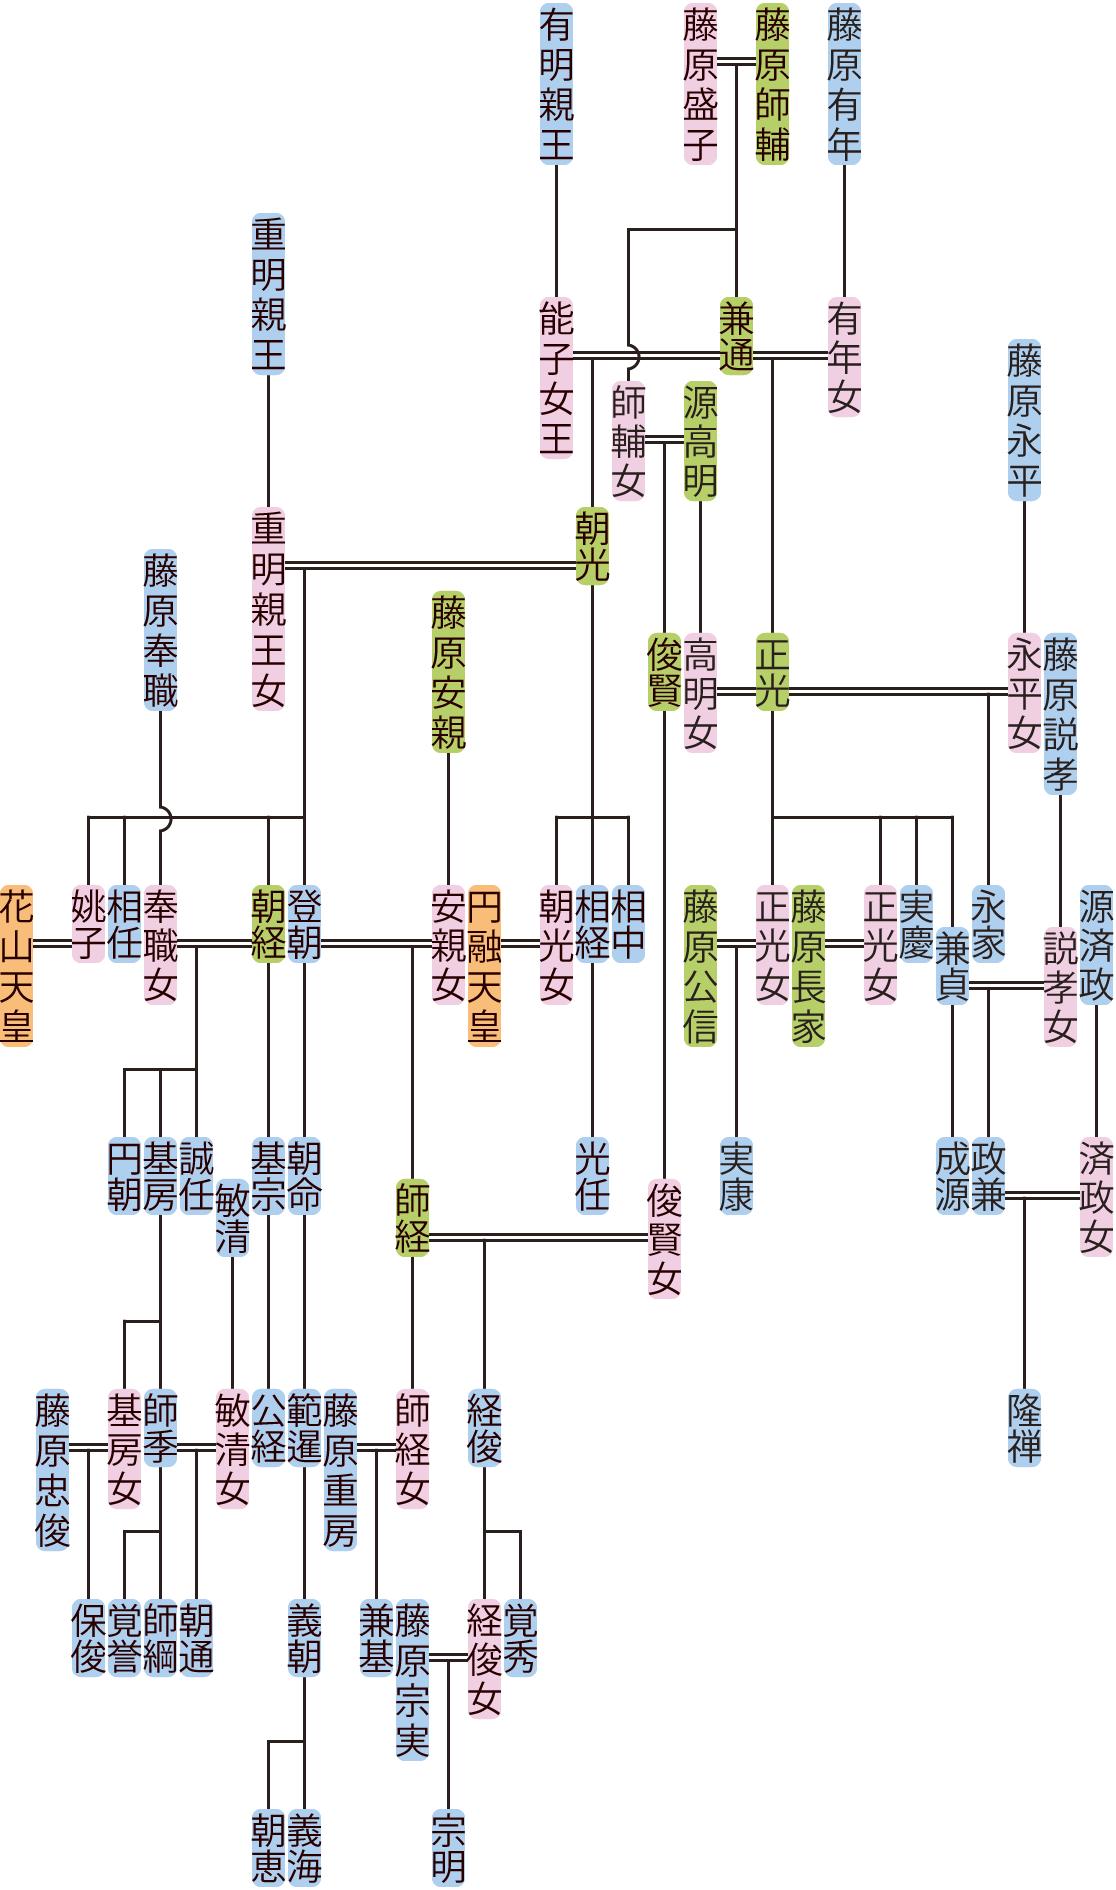 藤原朝光・正光の系図